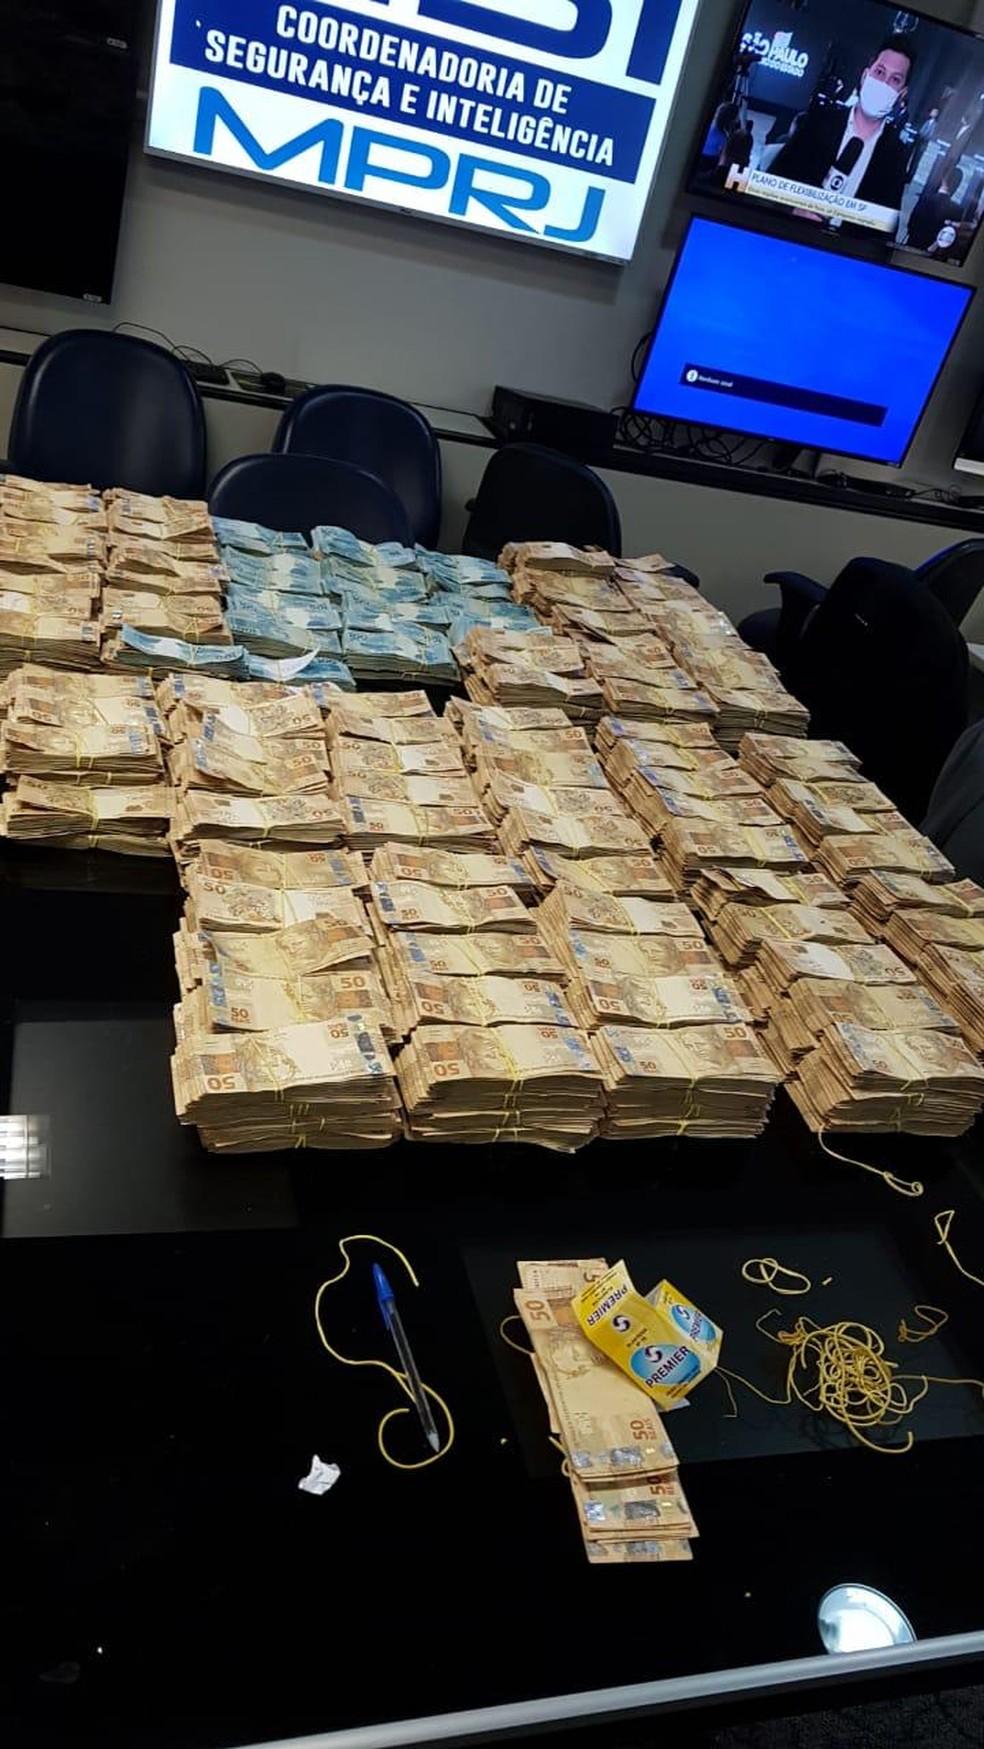 Milhões de reais encontrados em espécie na casa de Edmar Santos, segundo o MP — Foto: Reprodução